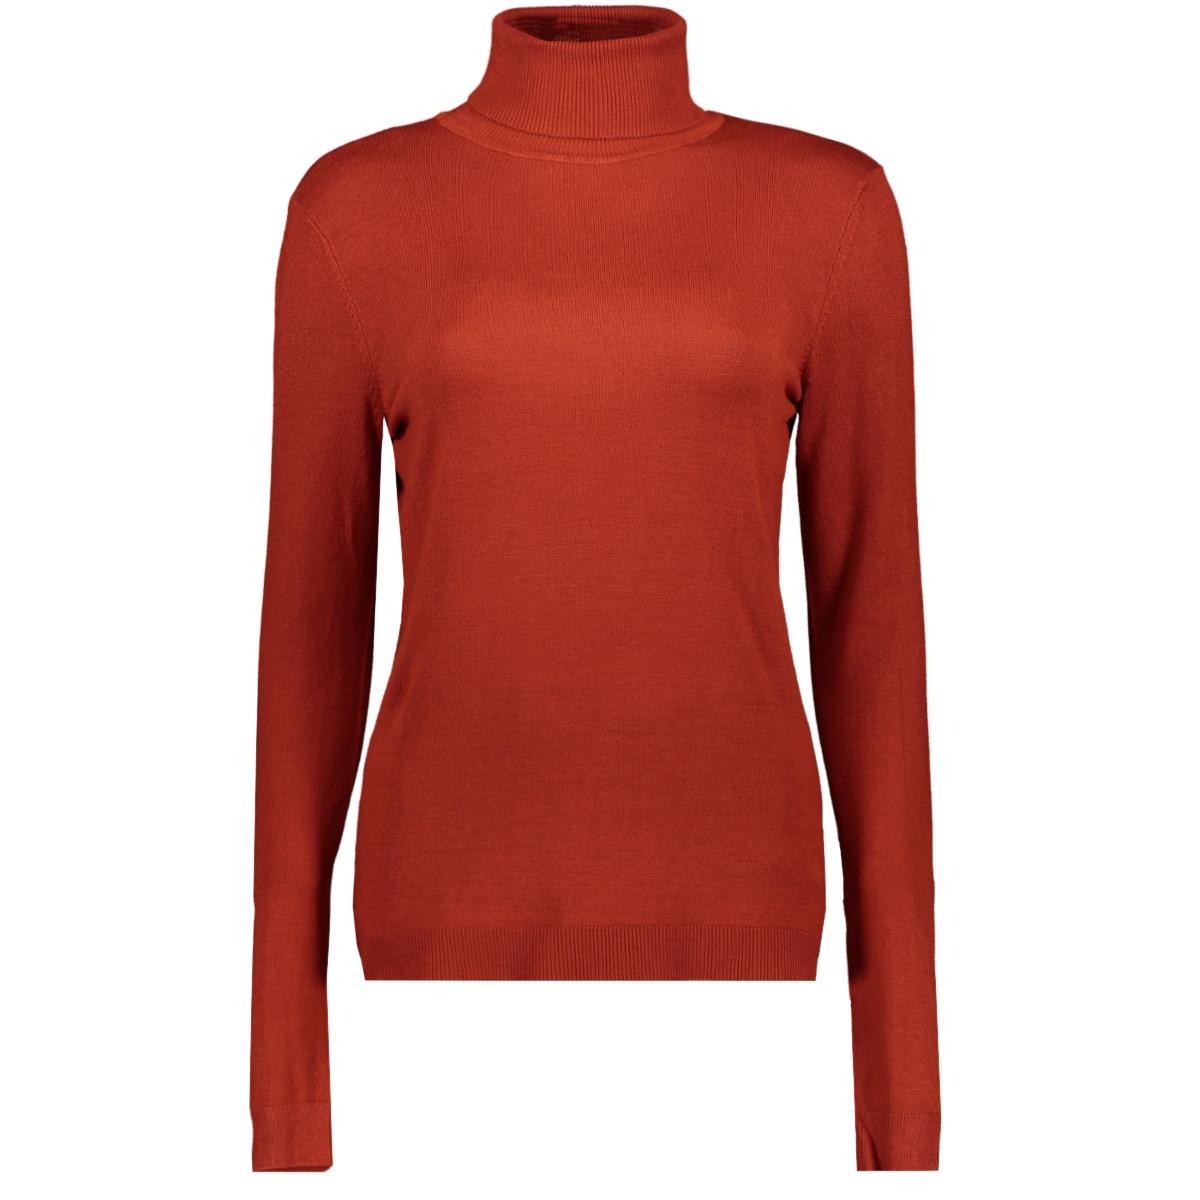 vibolonia knit l/s rollneck top-fav 14055711 vila trui ketchup